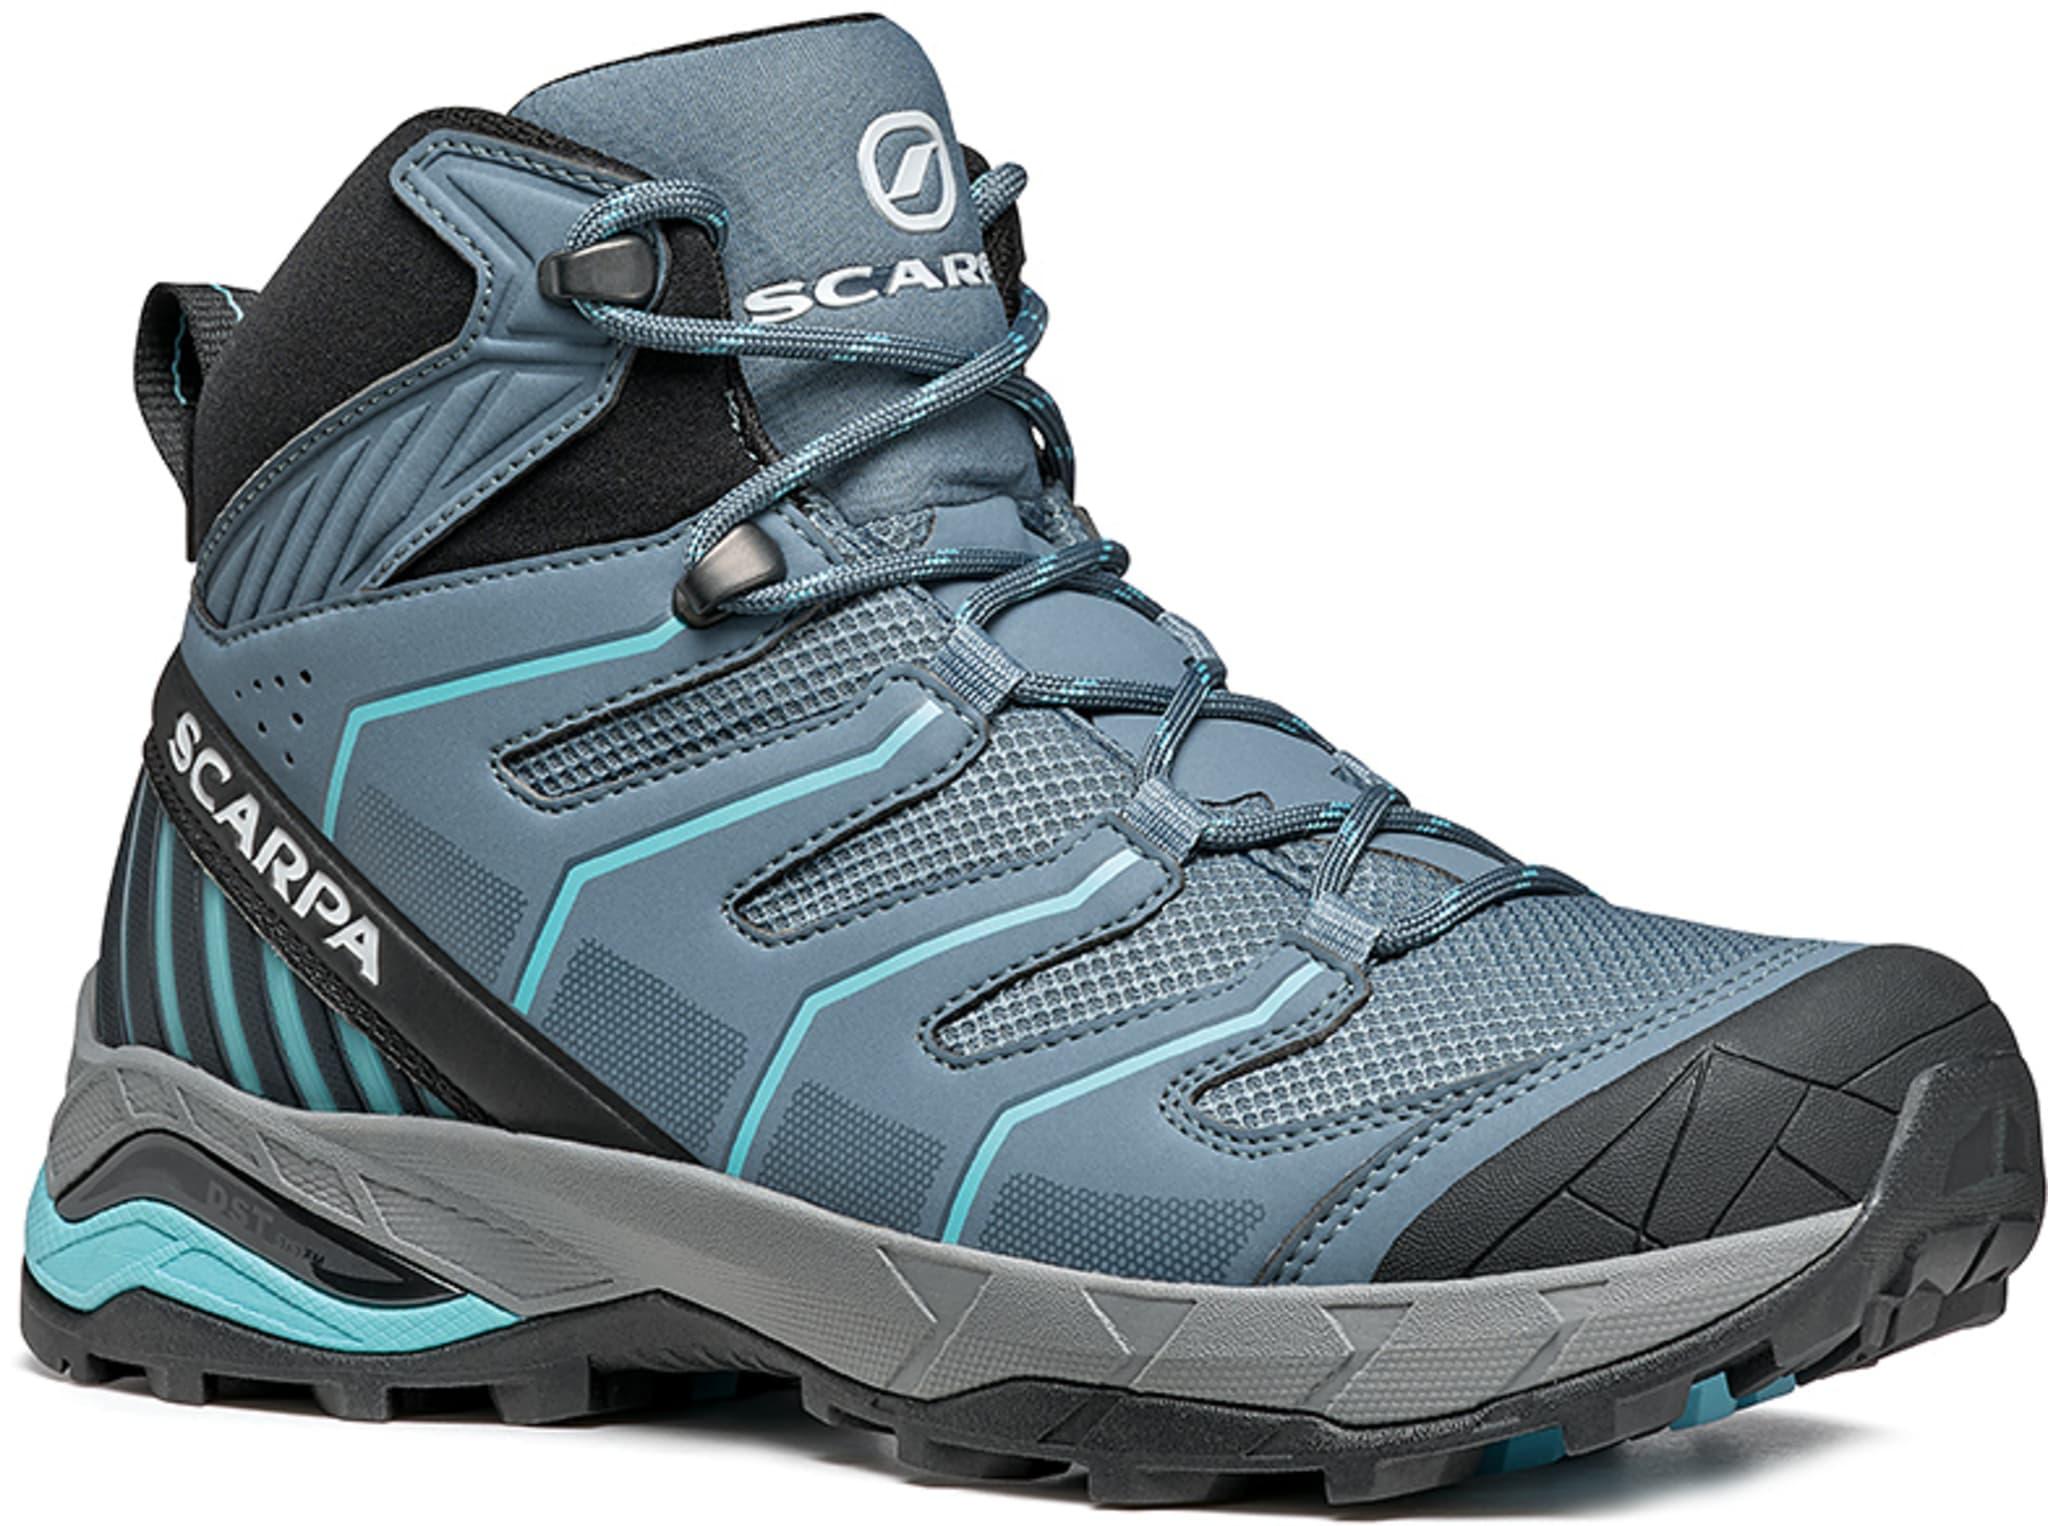 Lett og vanntett sko for turer med lett sekk